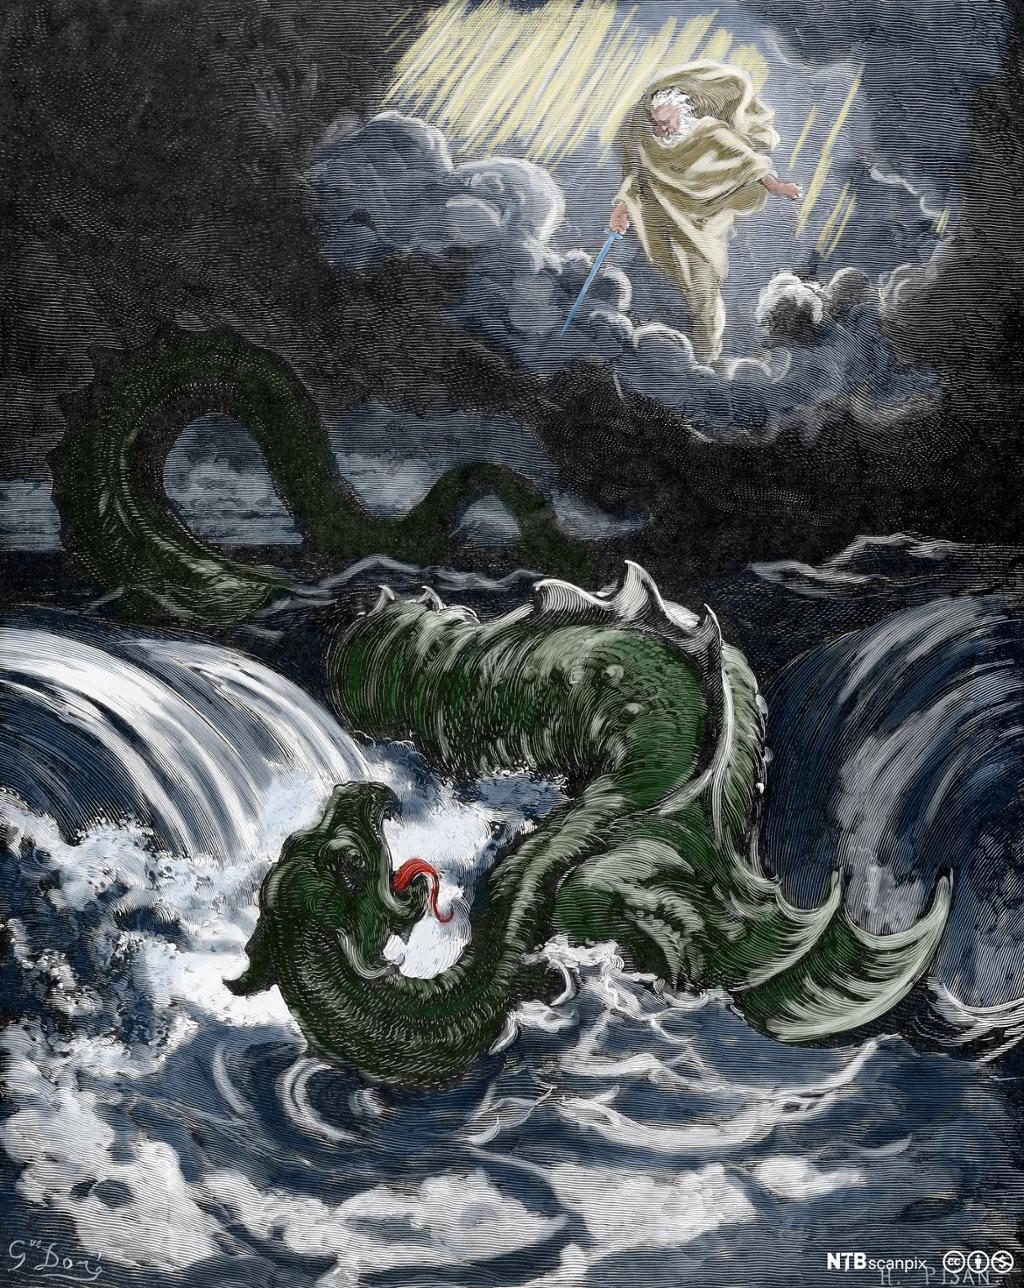 Et svært, grønt sjømonster piske opp havet. I skyen over Gud med sverd i hånda. Illustrasjon.